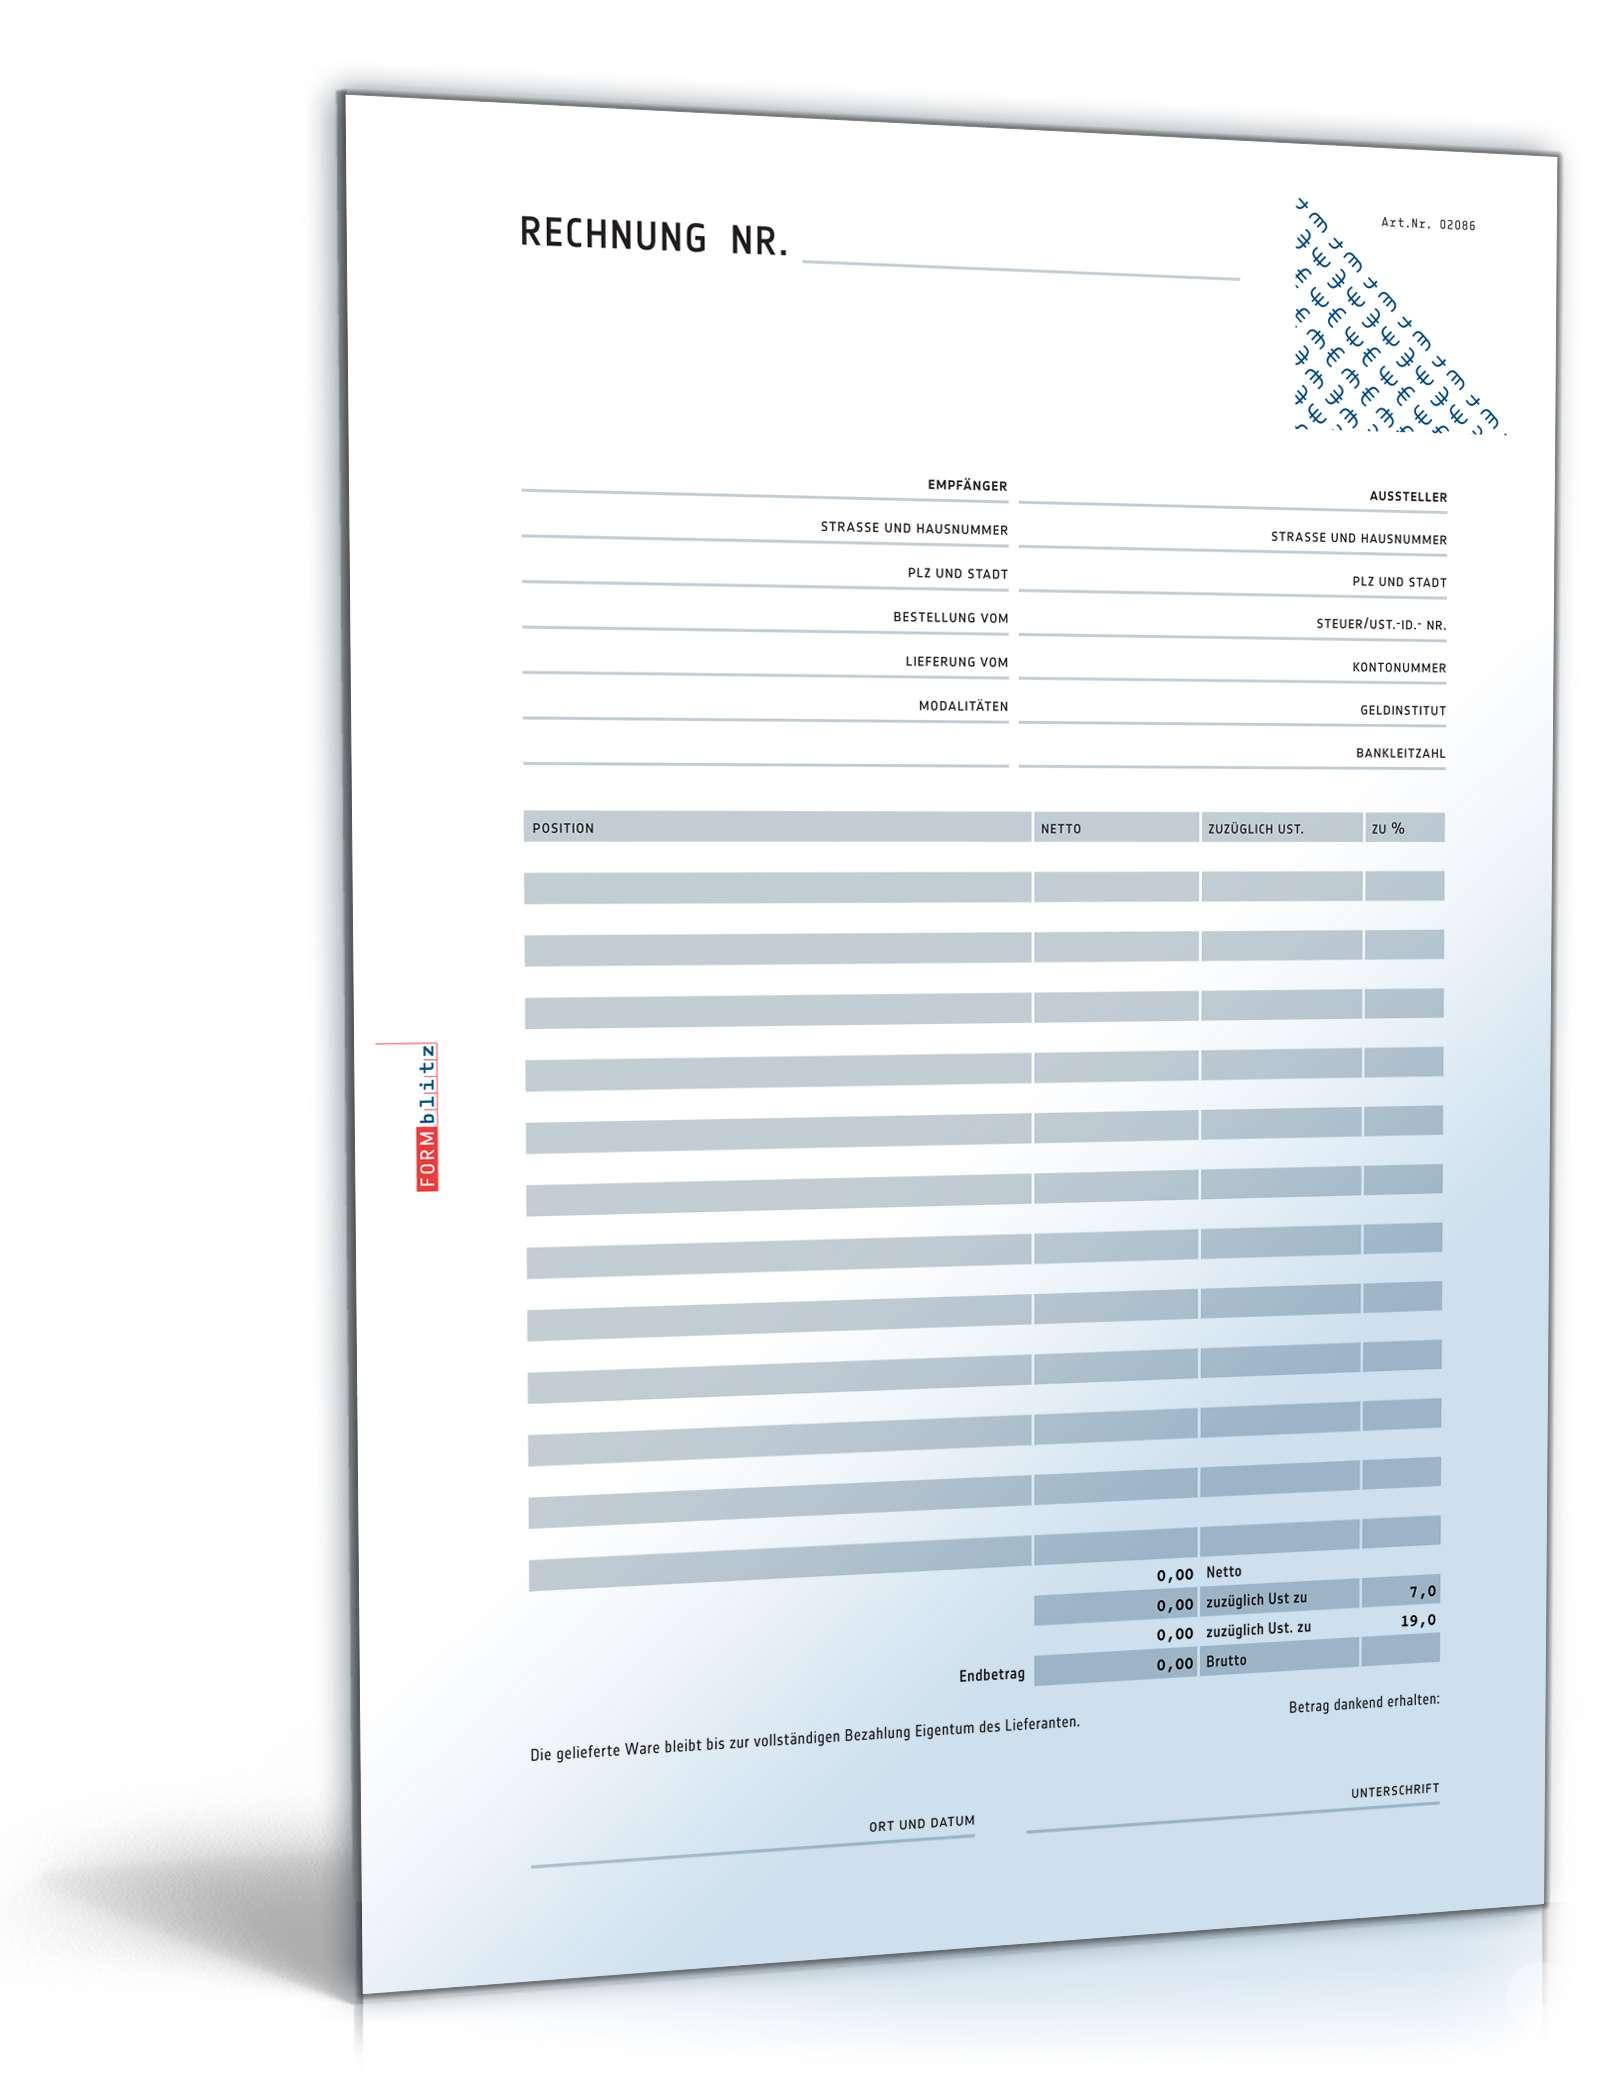 rechnung netto mit berweisungstr ger formular zum download. Black Bedroom Furniture Sets. Home Design Ideas